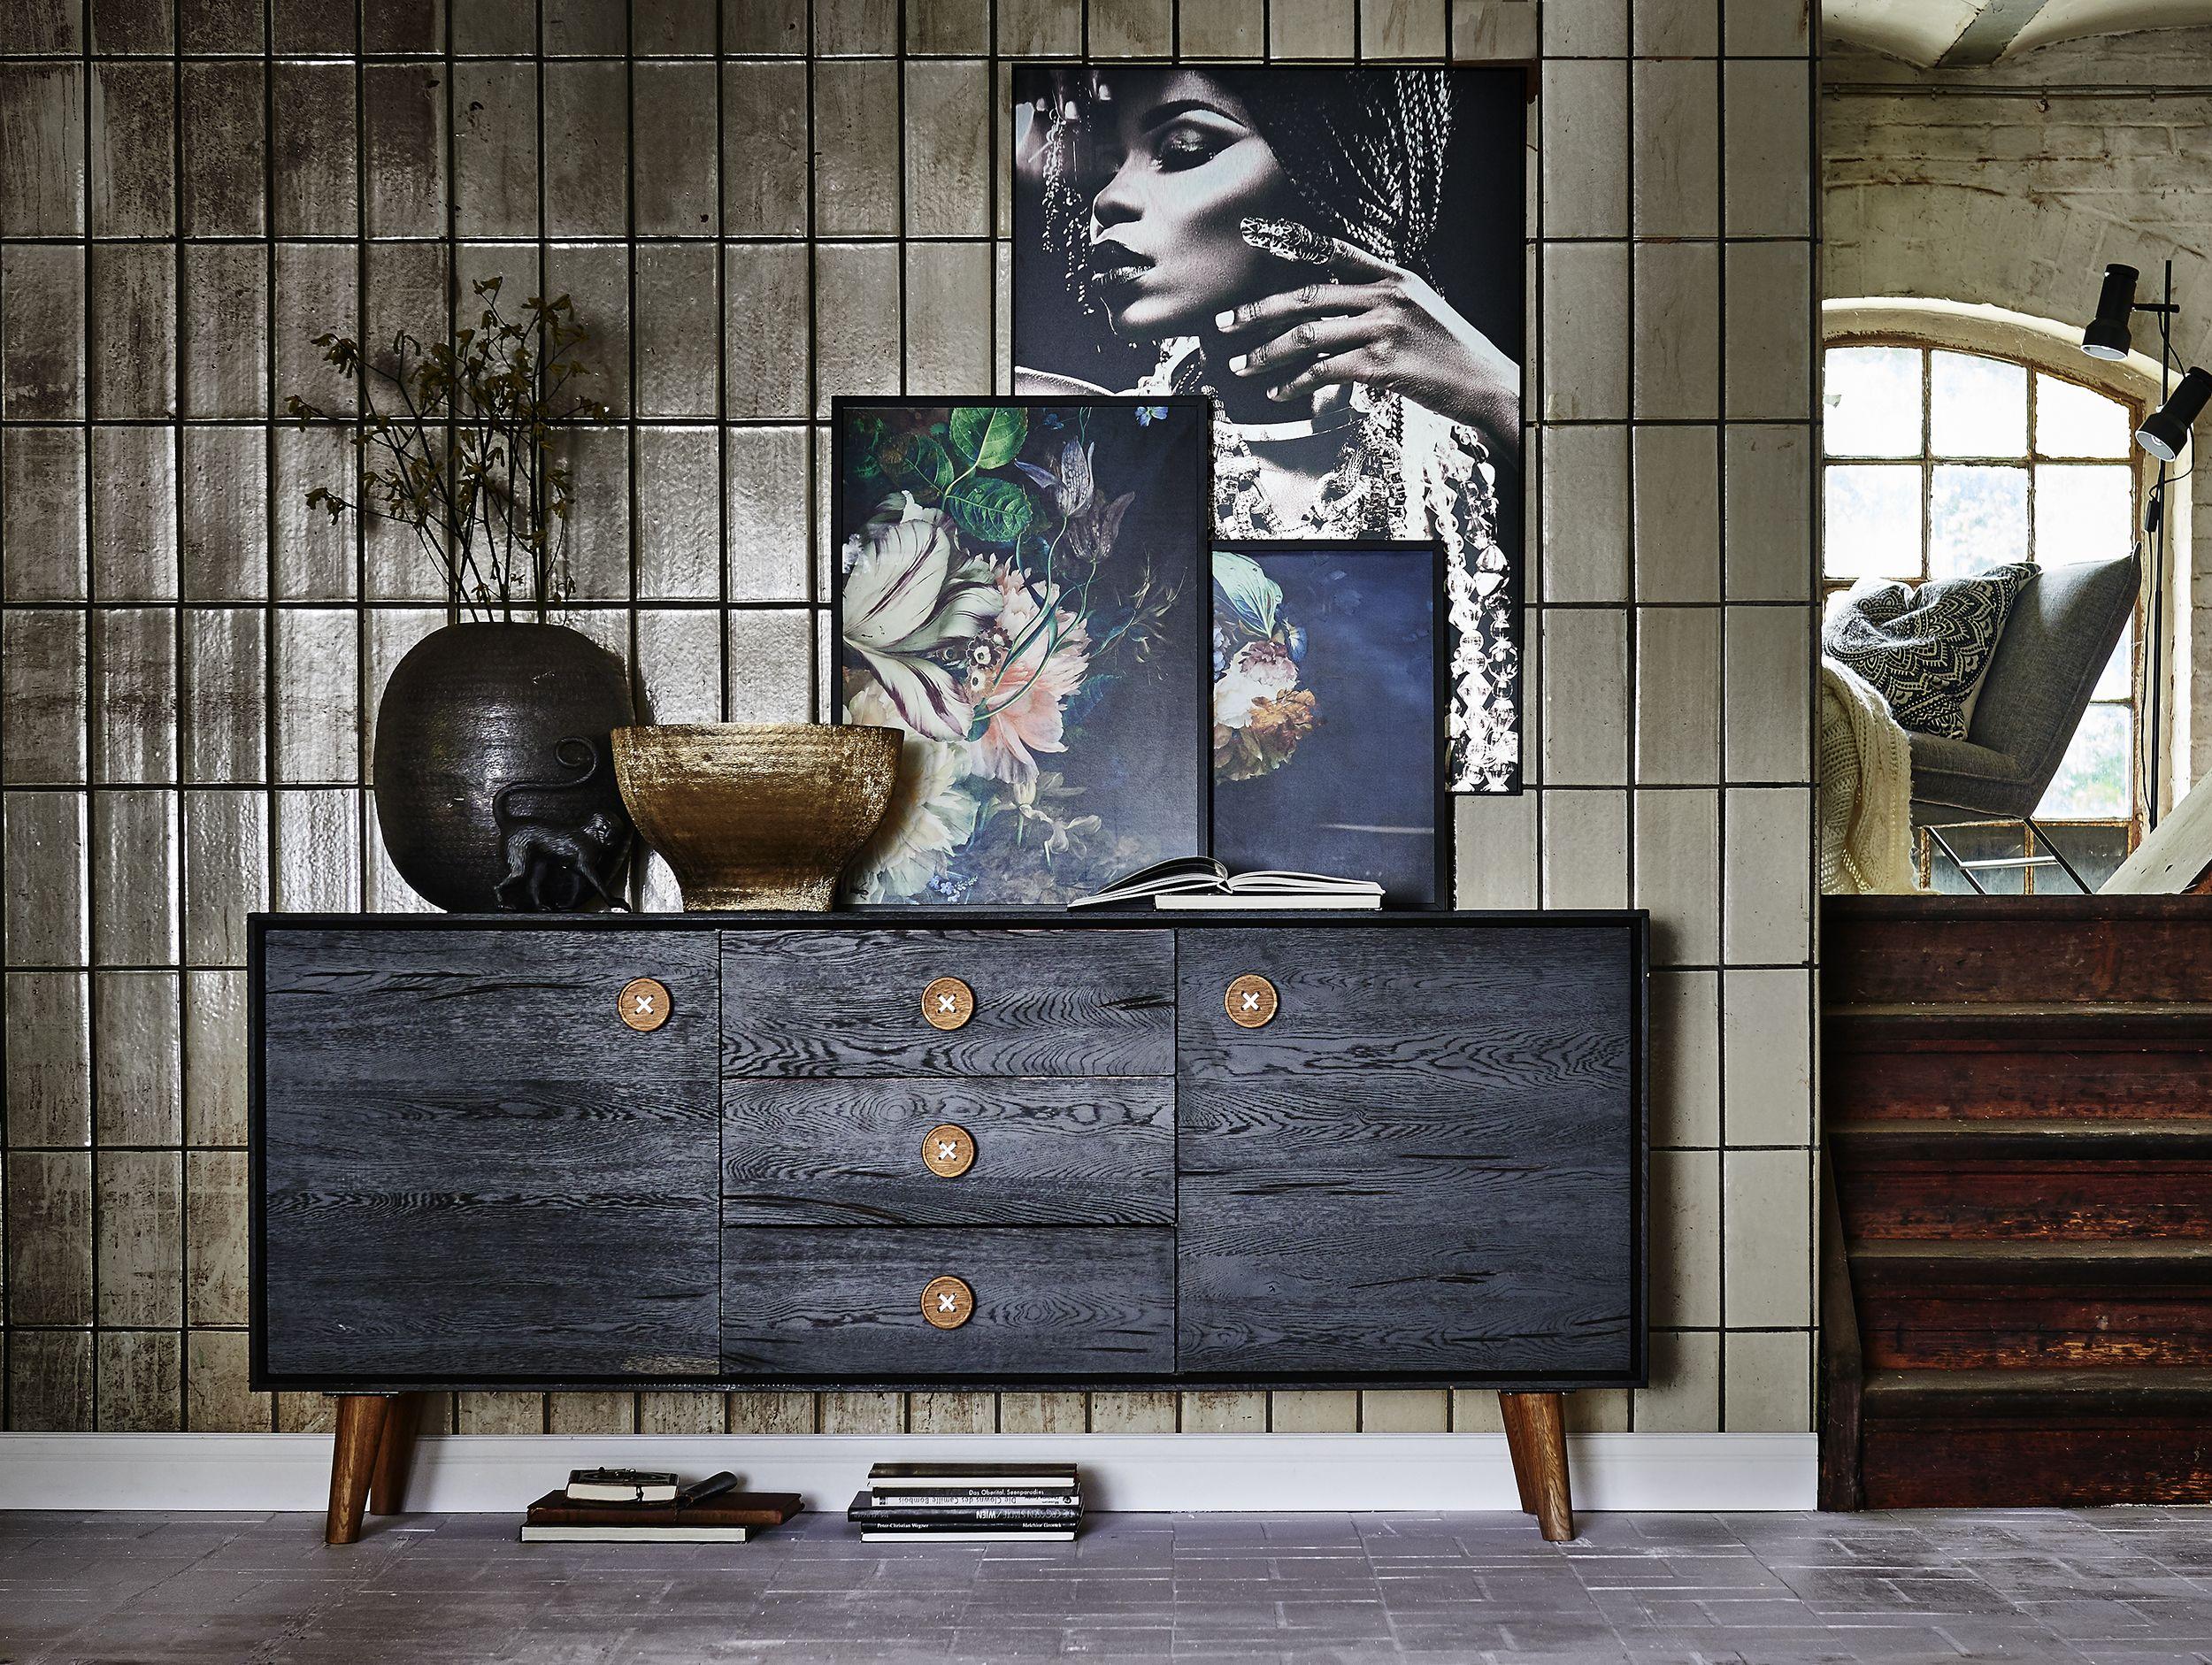 Mit Unzahligen Moglichkeiten Kreativ Werden Stylesunited Ideenhaus Rodemann Bochum Creativity Lifestyle Furniture Holz Einrichtungsstil Moderne Wohnung